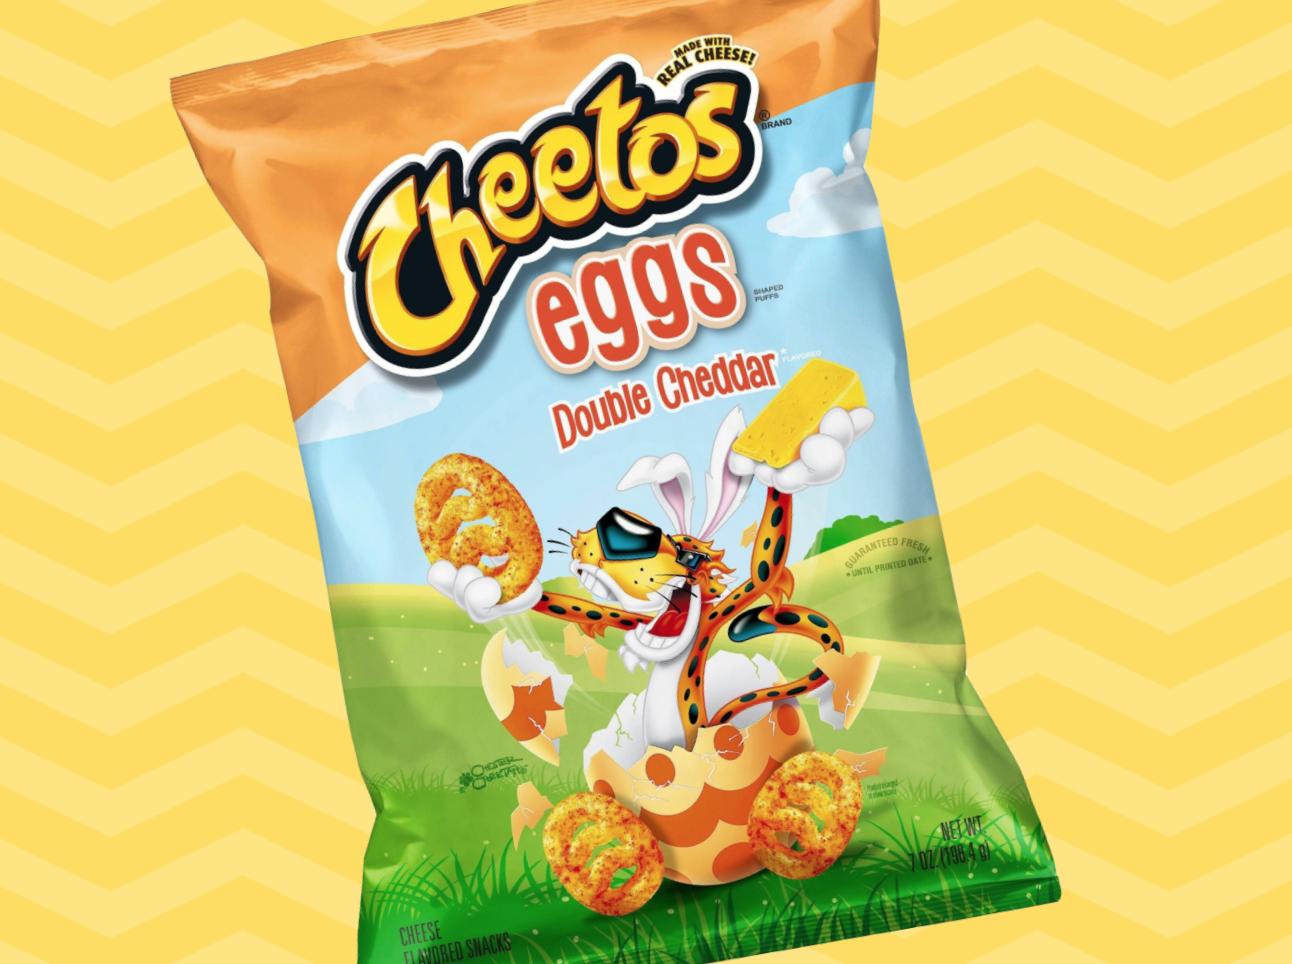 Cheetos eggs